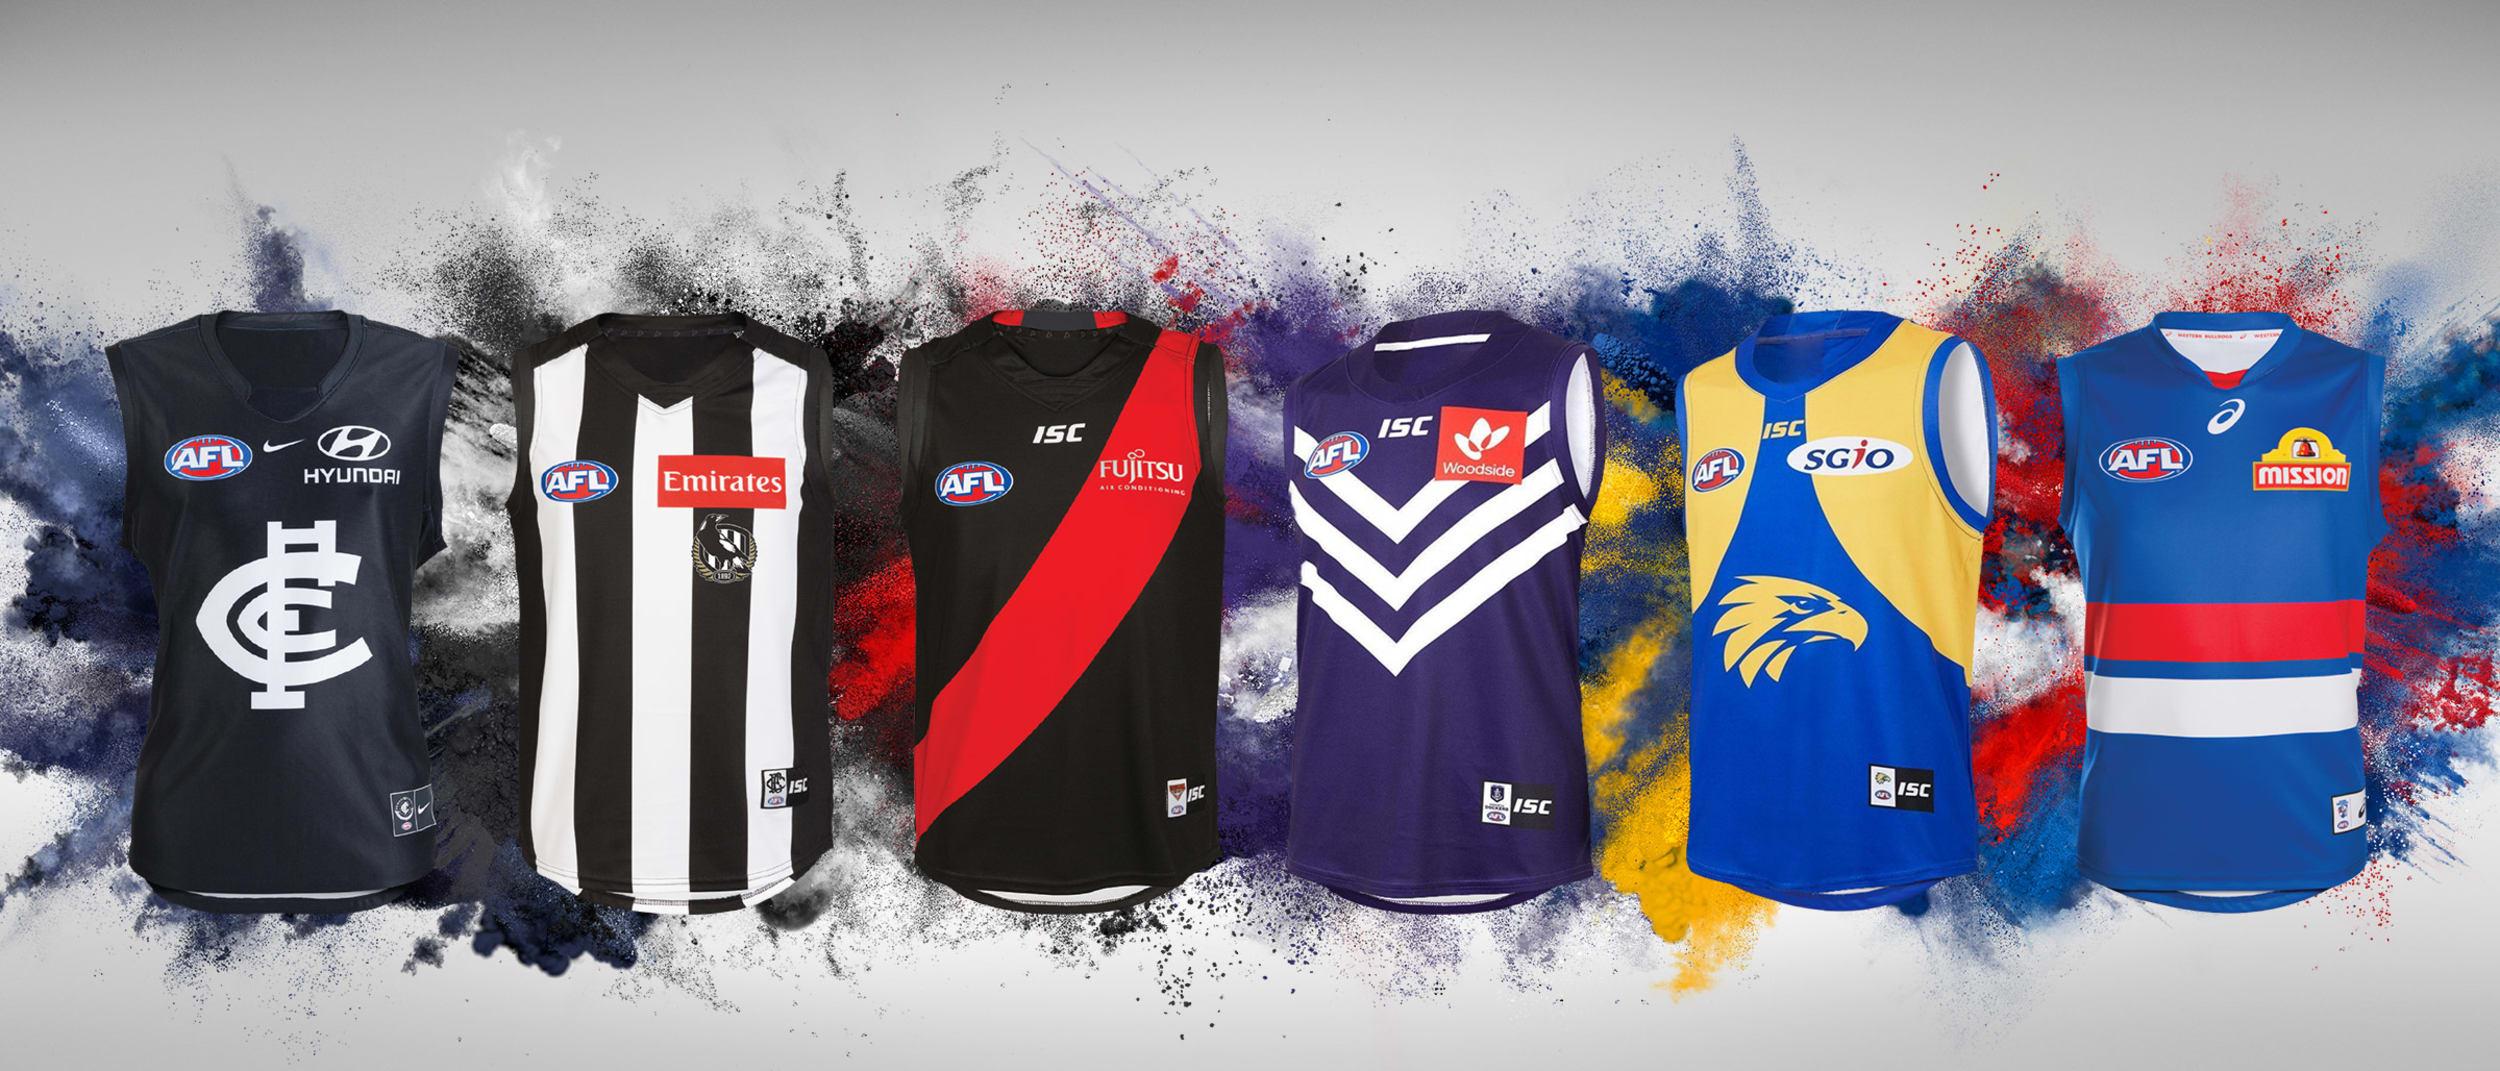 The AFL Store Auskick bundle